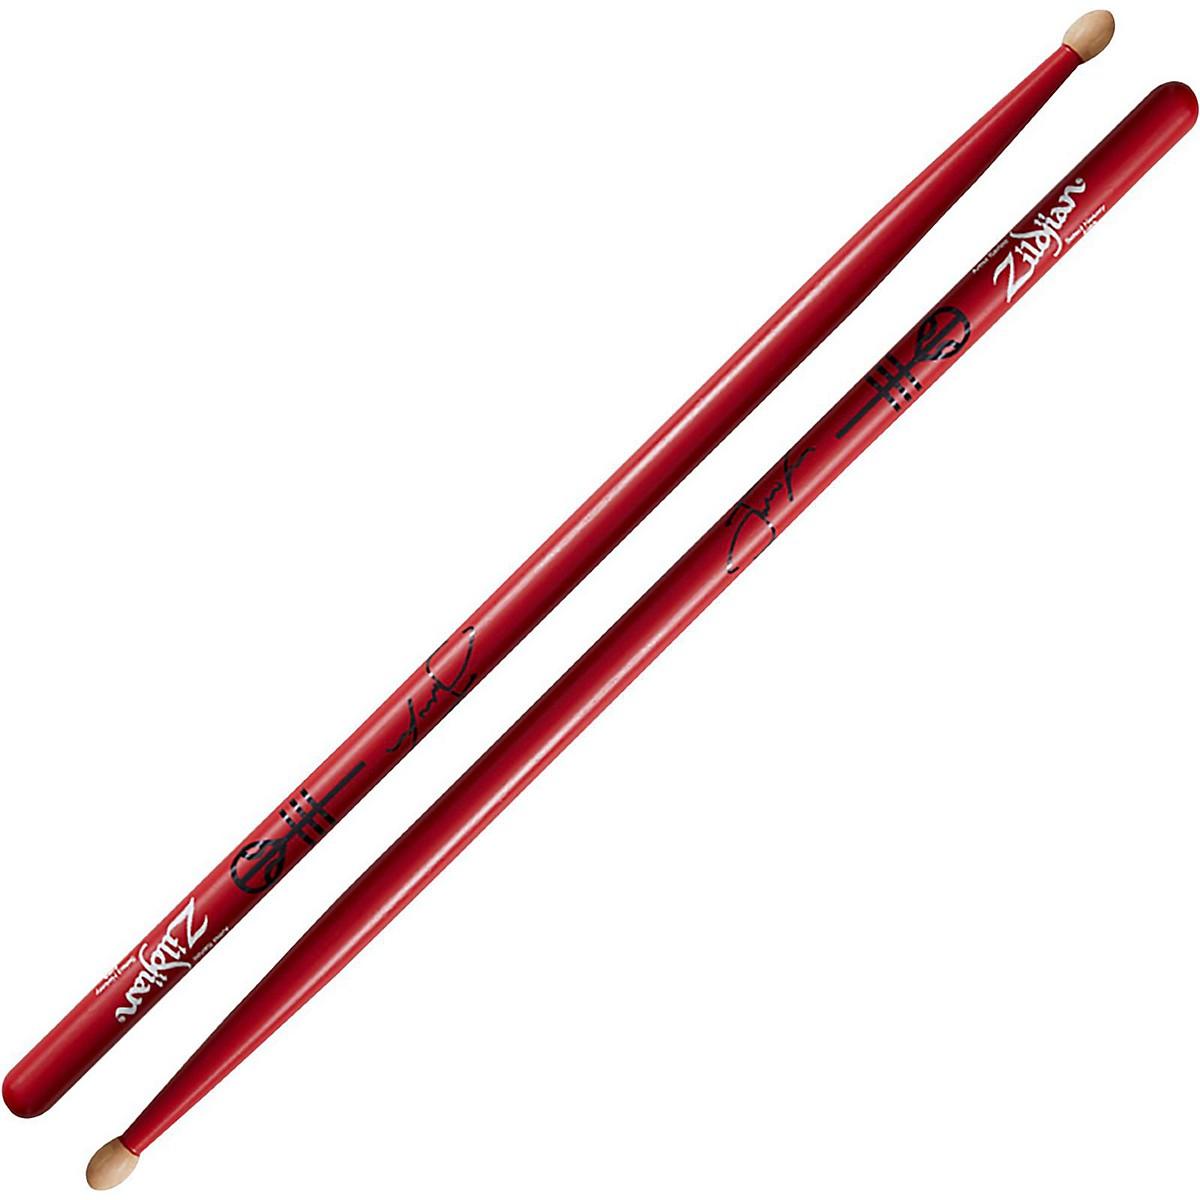 Zildjian Josh Dun Artist Series Drum Sticks